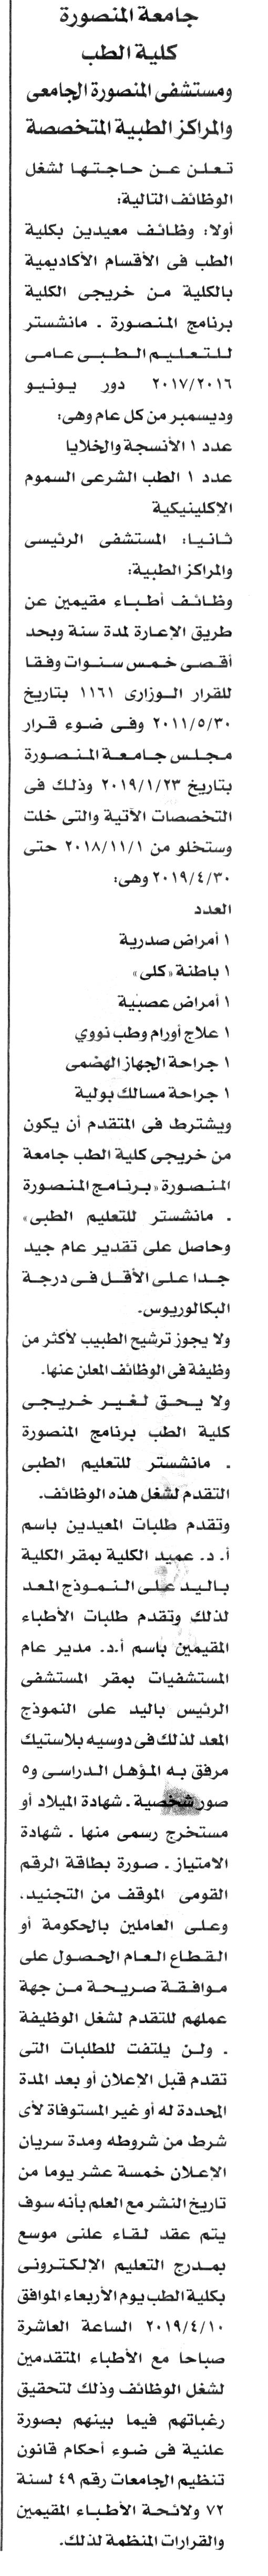 وظائف جامعة المنصورة